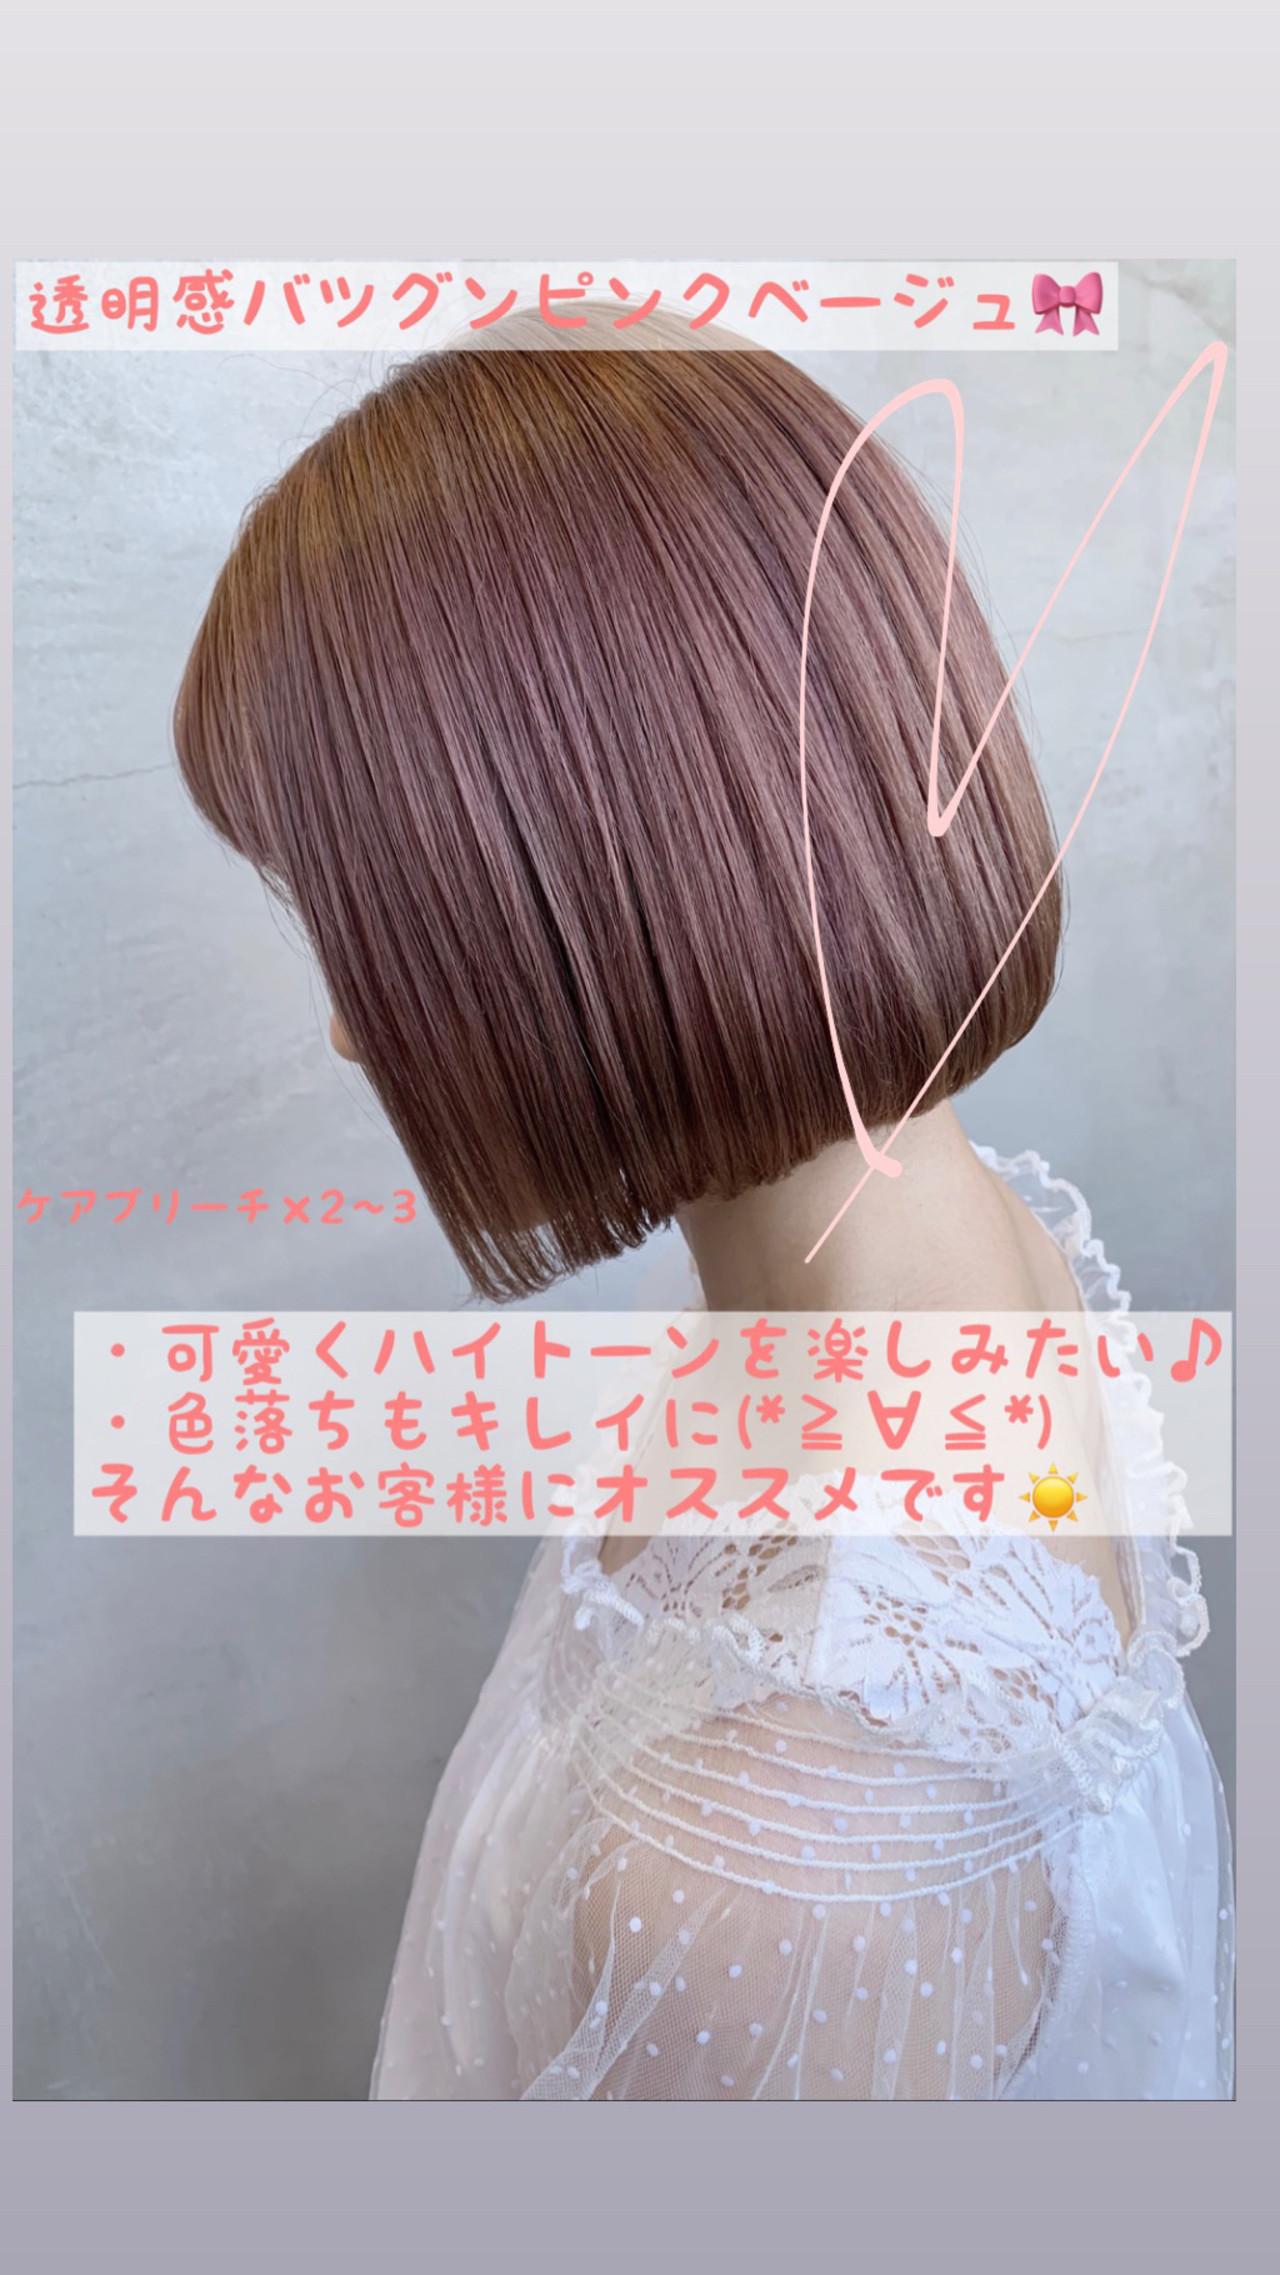 ブリーチカラー ボブ 簡単ヘアアレンジ ナチュラル ヘアスタイルや髪型の写真・画像